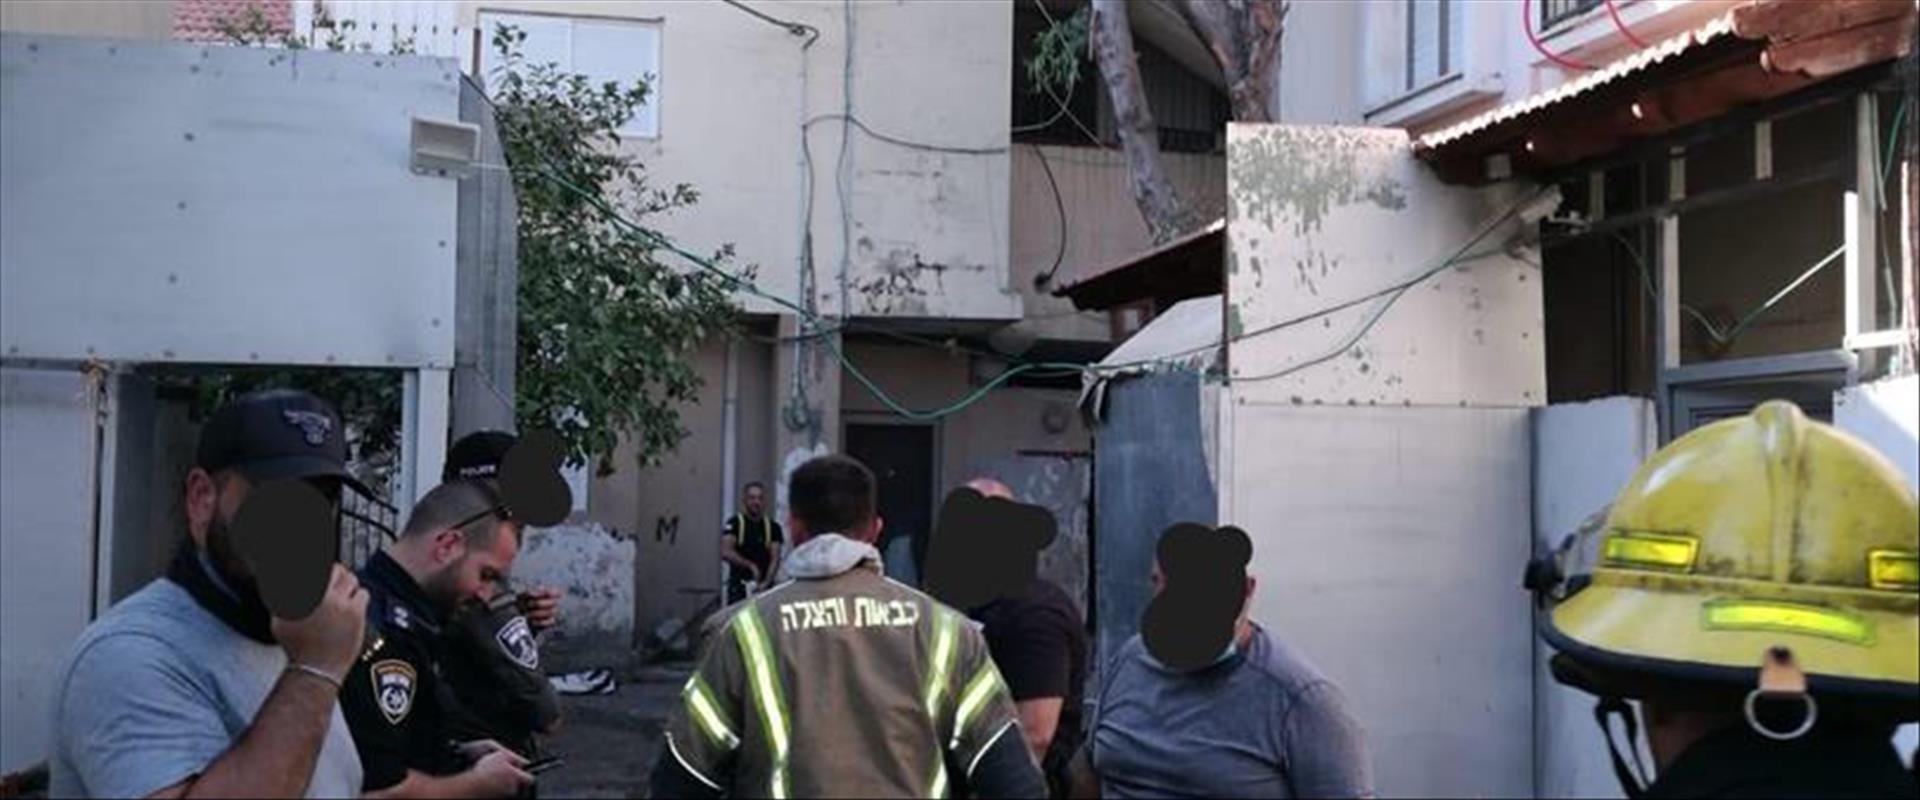 זירת השריפה בבית משפחת אבו צעלוק, היום